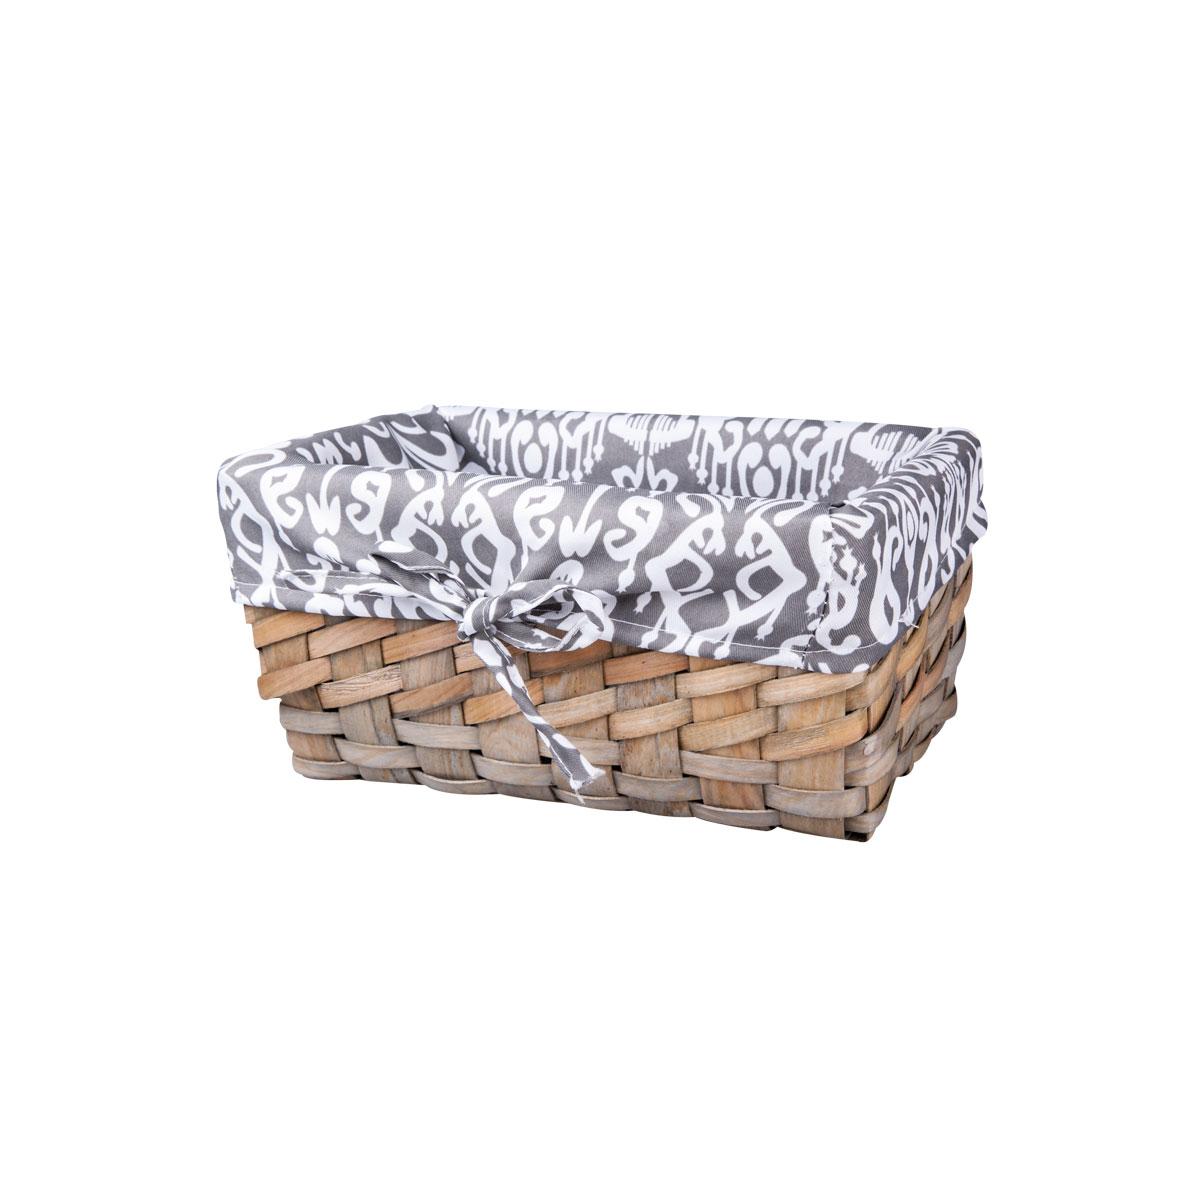 Корзина плетеная Miolla, 27 х 16 х 13 см. QL400435-SQL400435-SВместительная плетеная корзина для хранения Miolla - отличное решение для хранения ваших вещей. Корзина выполнена из дерева и дополнена текстилем. Подходит для хранения бытовых вещей, аксессуаров для рукоделия и других вещей дома и на даче. Экономьте полезное пространство своего дома, уберите ненужные вещи в удобную корзину и используйте ее для хранения дорогих сердцу вещей, которые нужно сберечь в целости и сохранности.